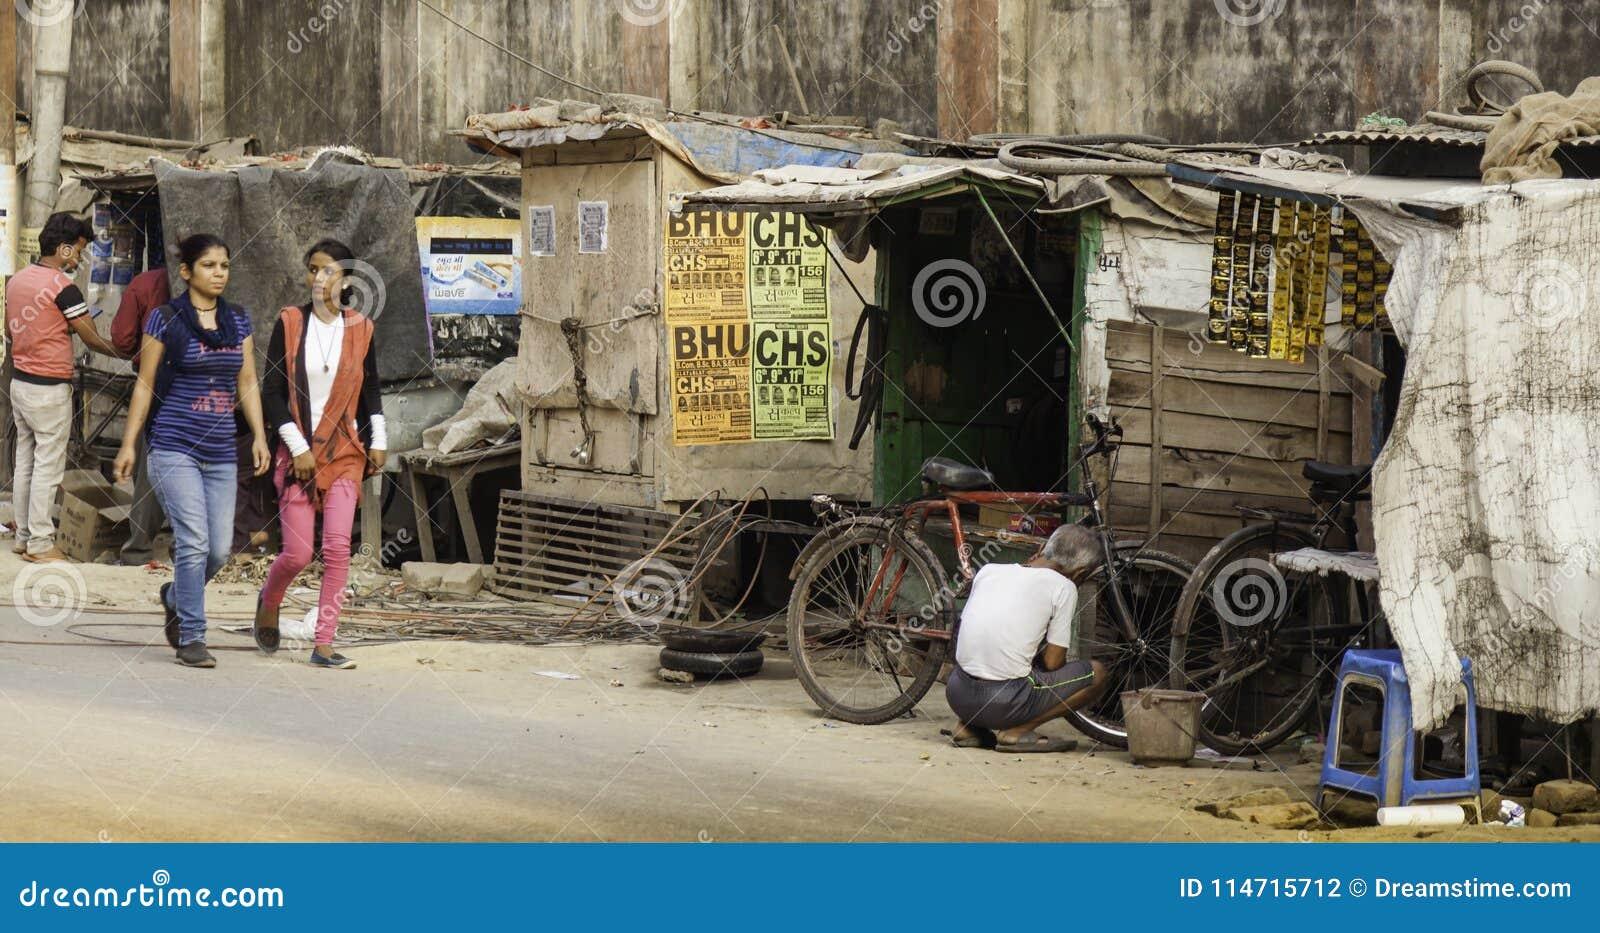 Oficina de reparações do ciclo no lado da rua